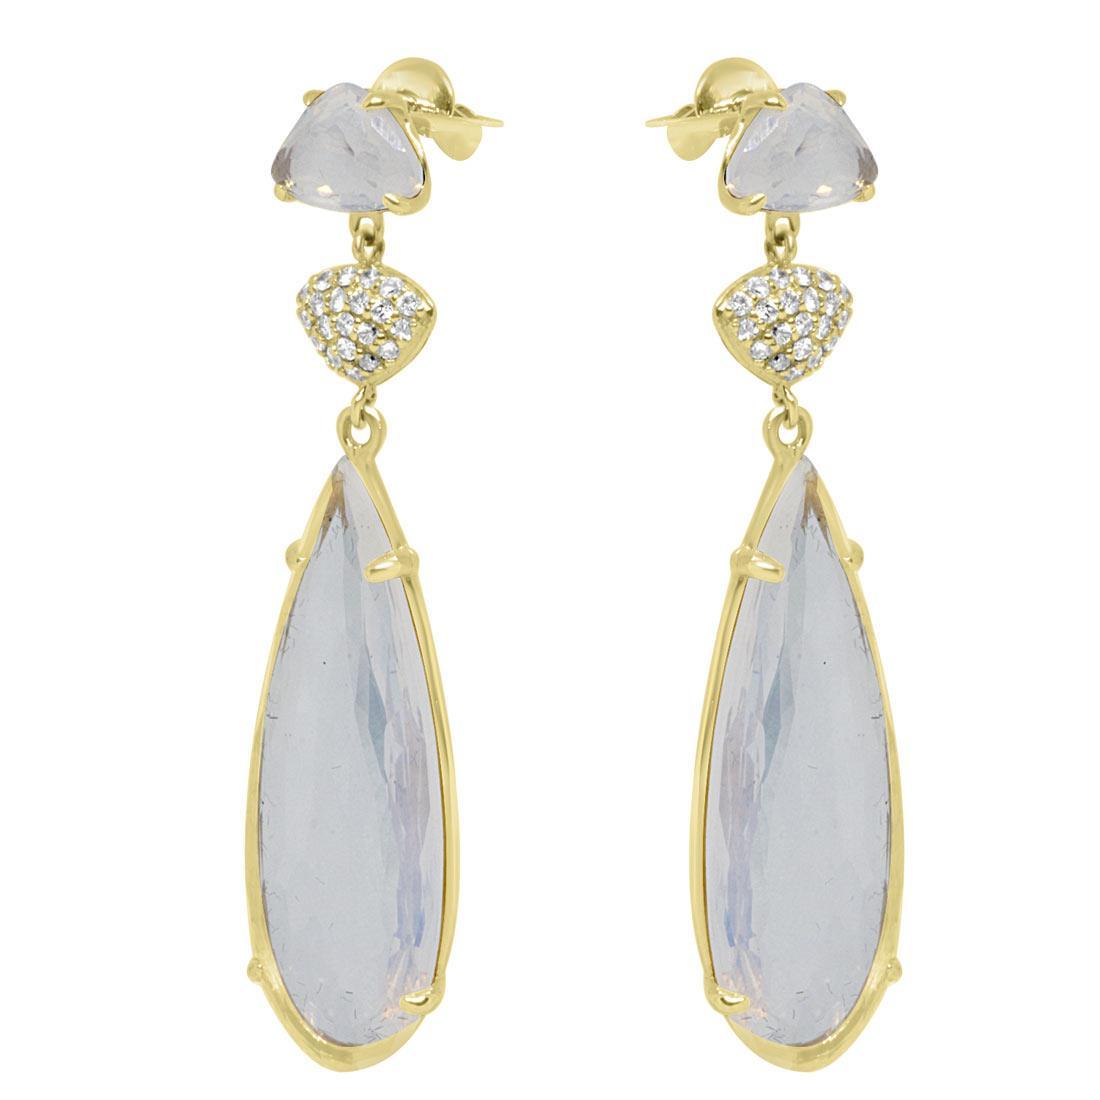 Orecchini in oro giallo con diamanti ct 0.21 e pietre - ORO&CO